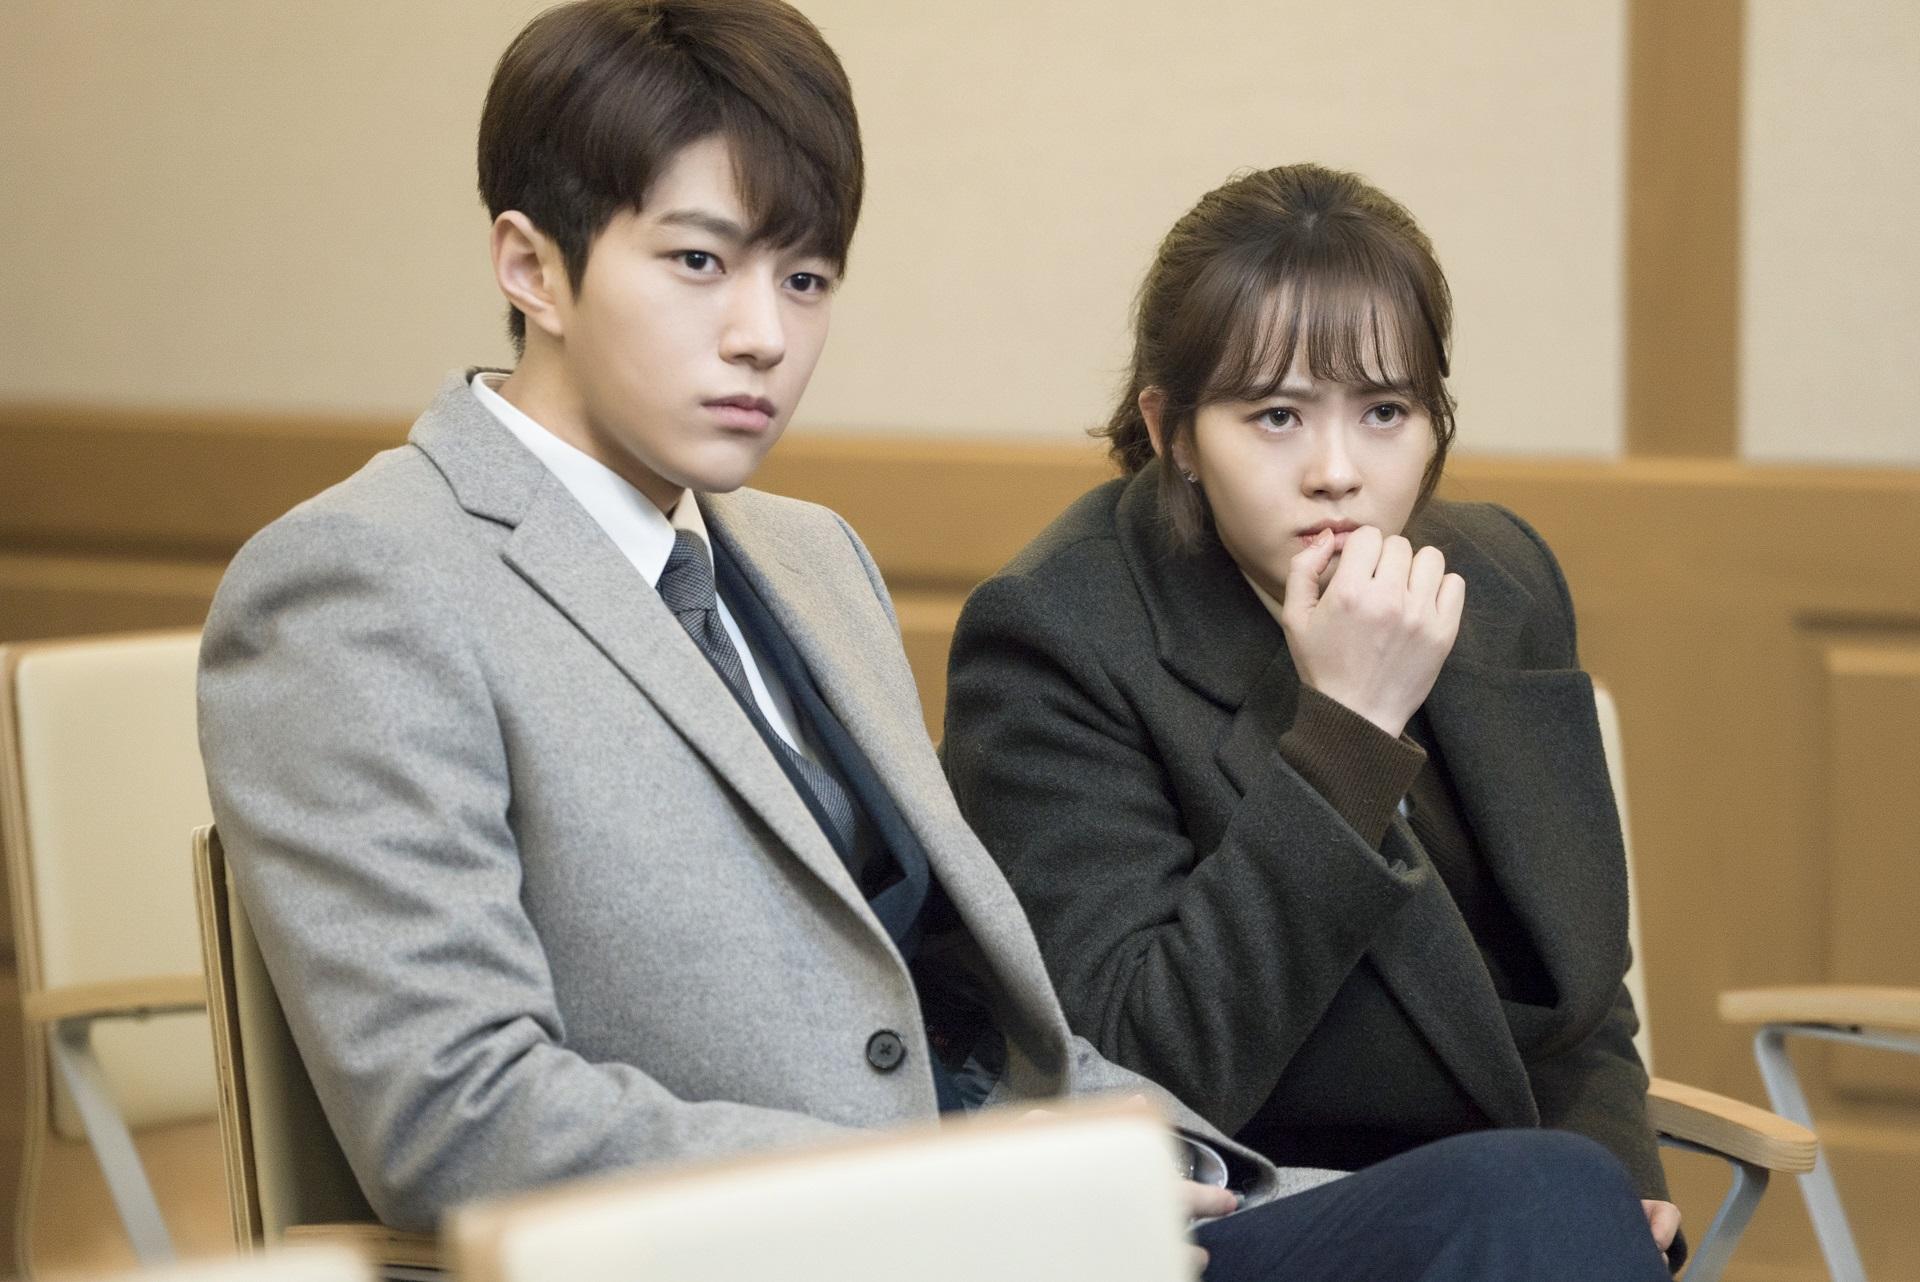 '미스 함무라비' 고아라-김명수, 달라도 너무 다른 청춘 판사의 반전 케미 '꿀잼각'